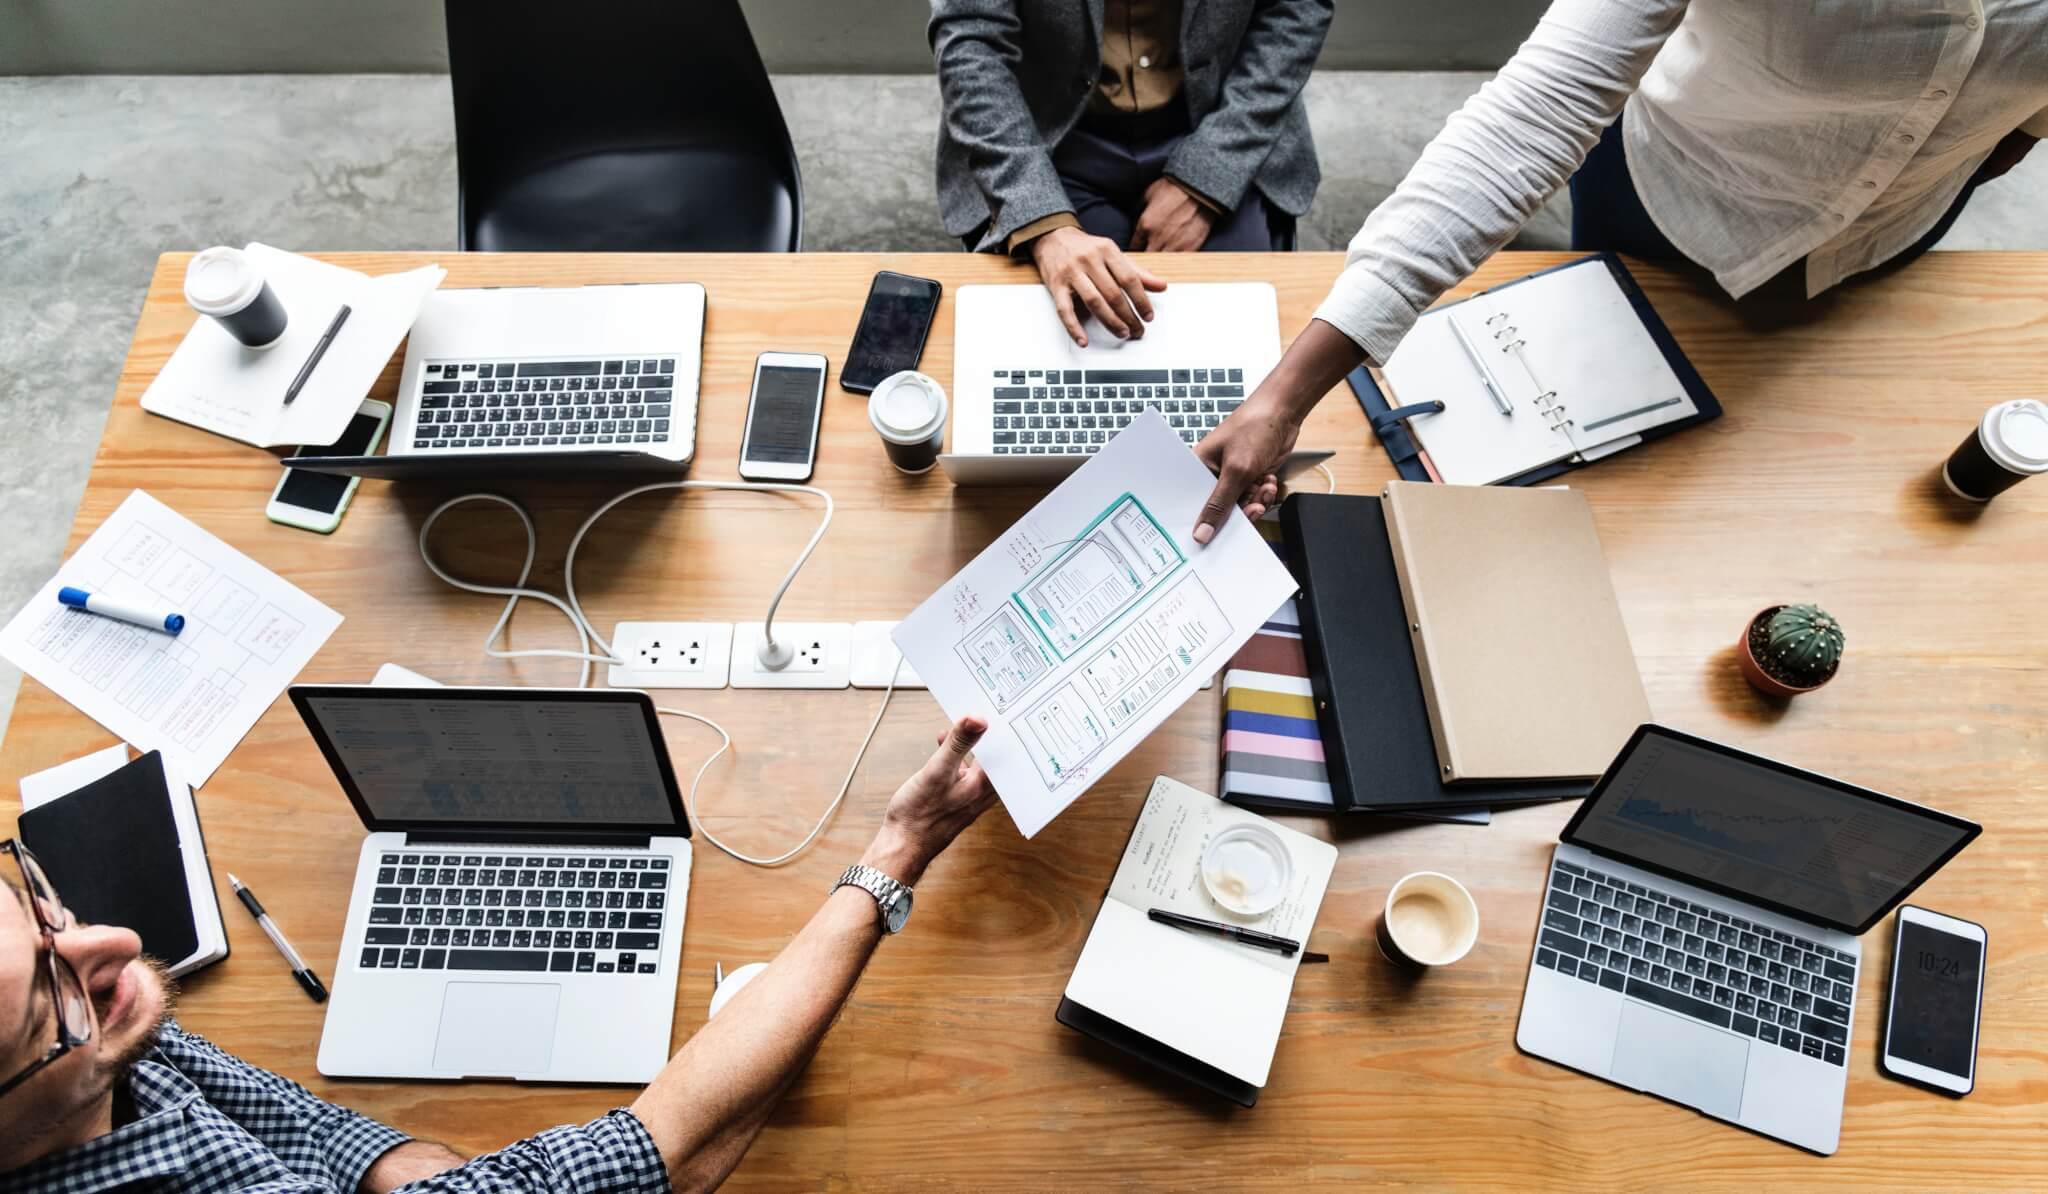 tecnologia nos negocios